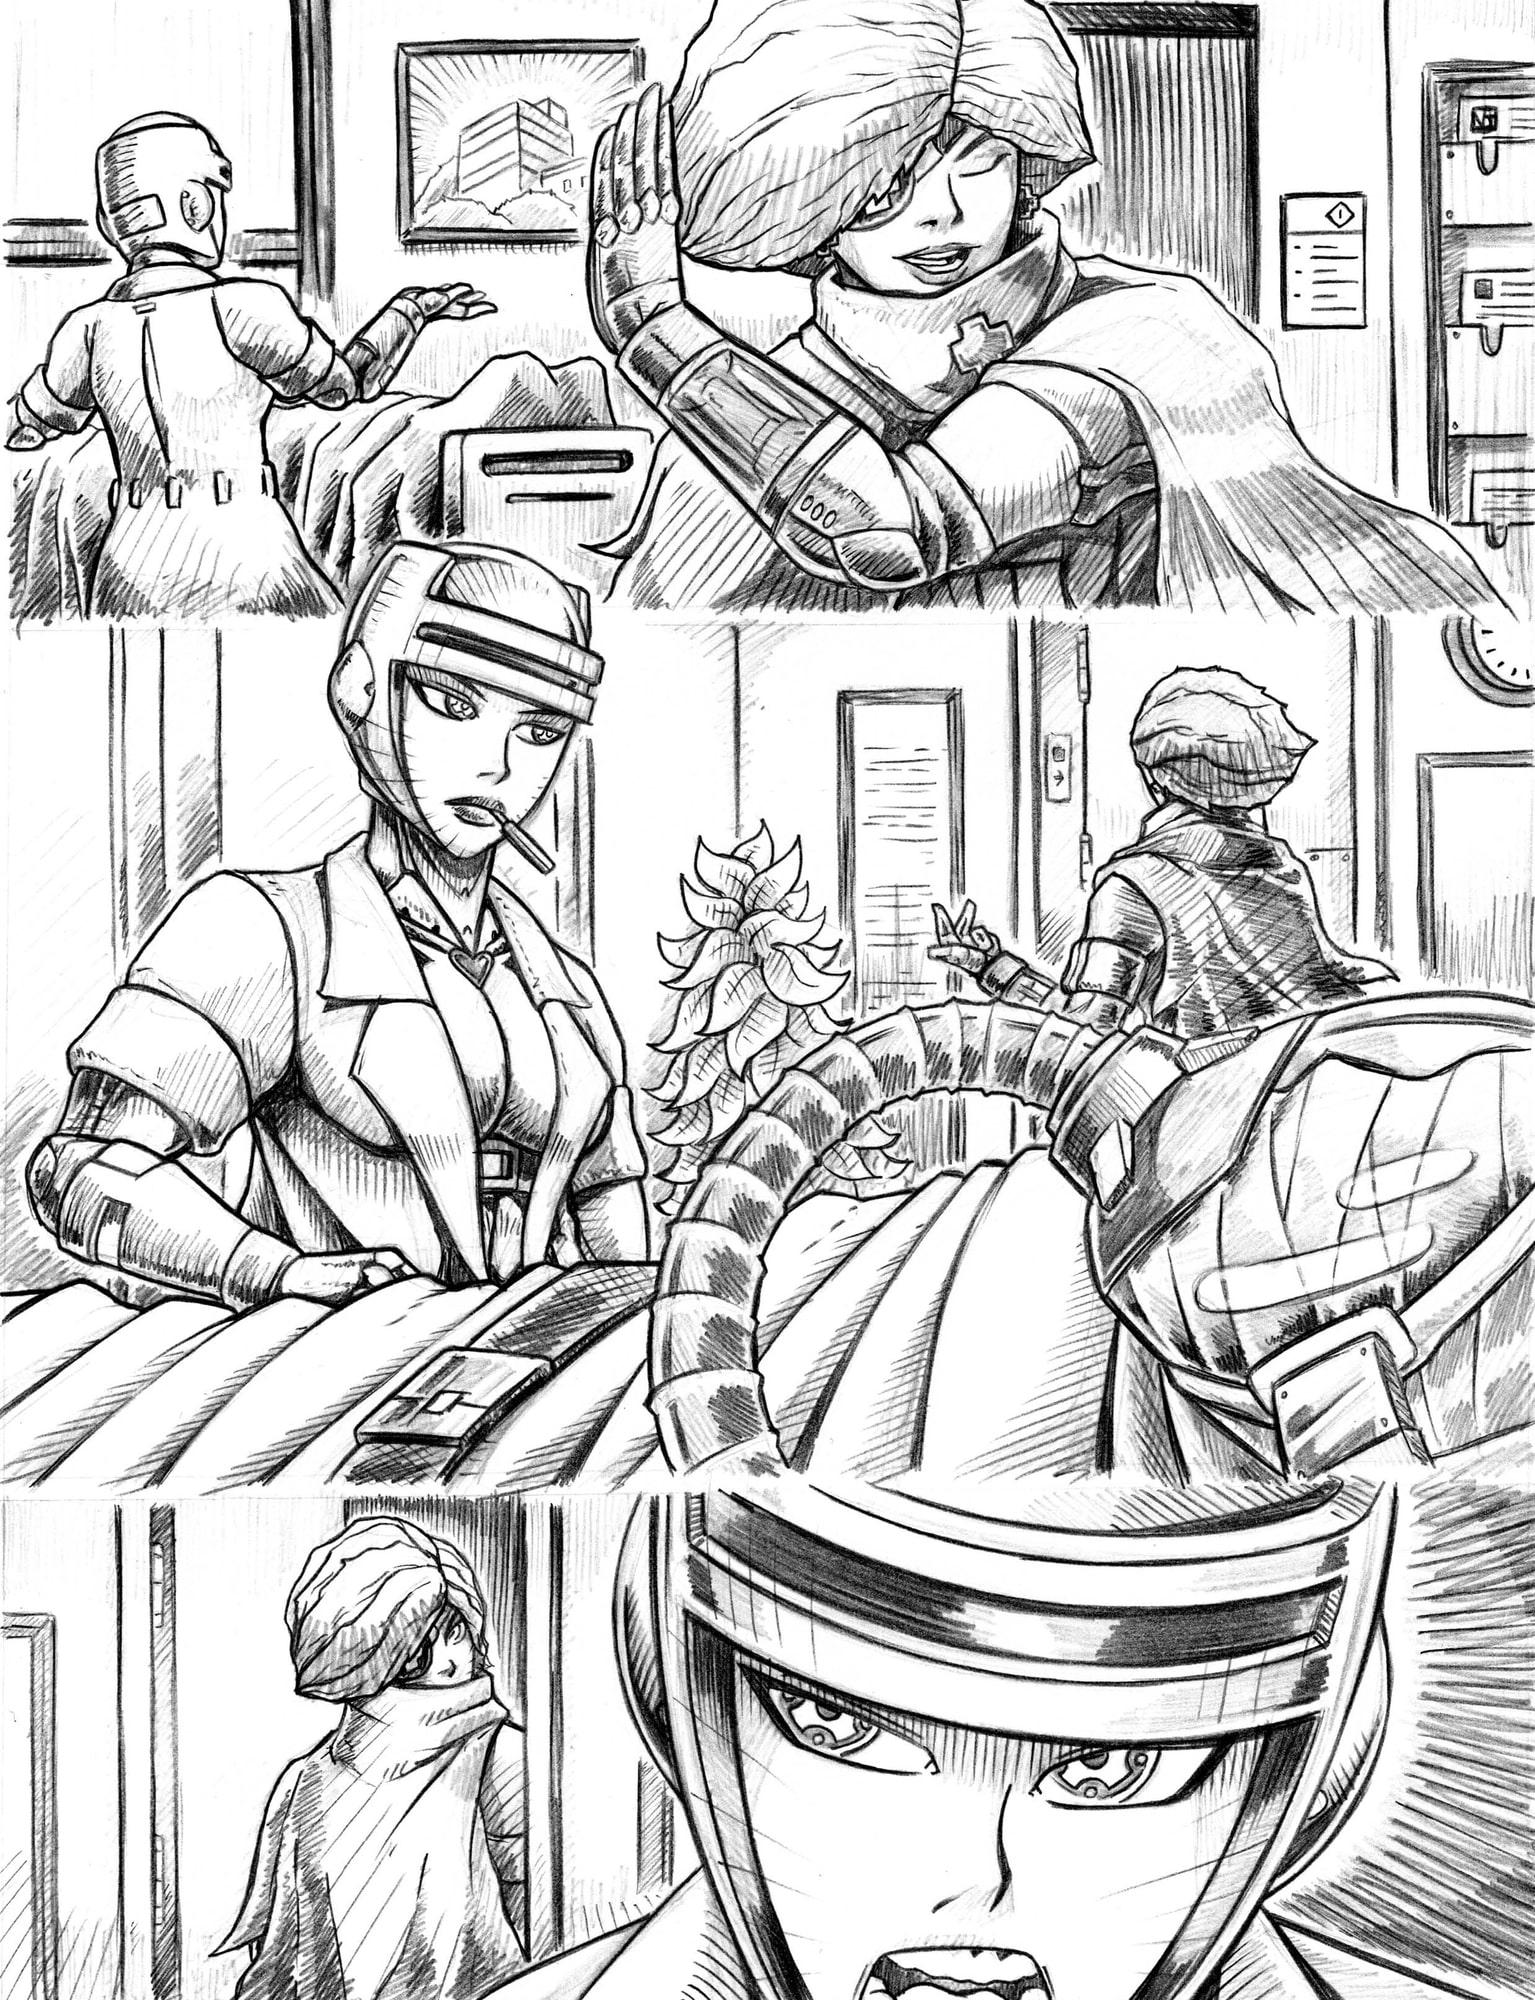 Toro Comics Sketchbook Vol. 1